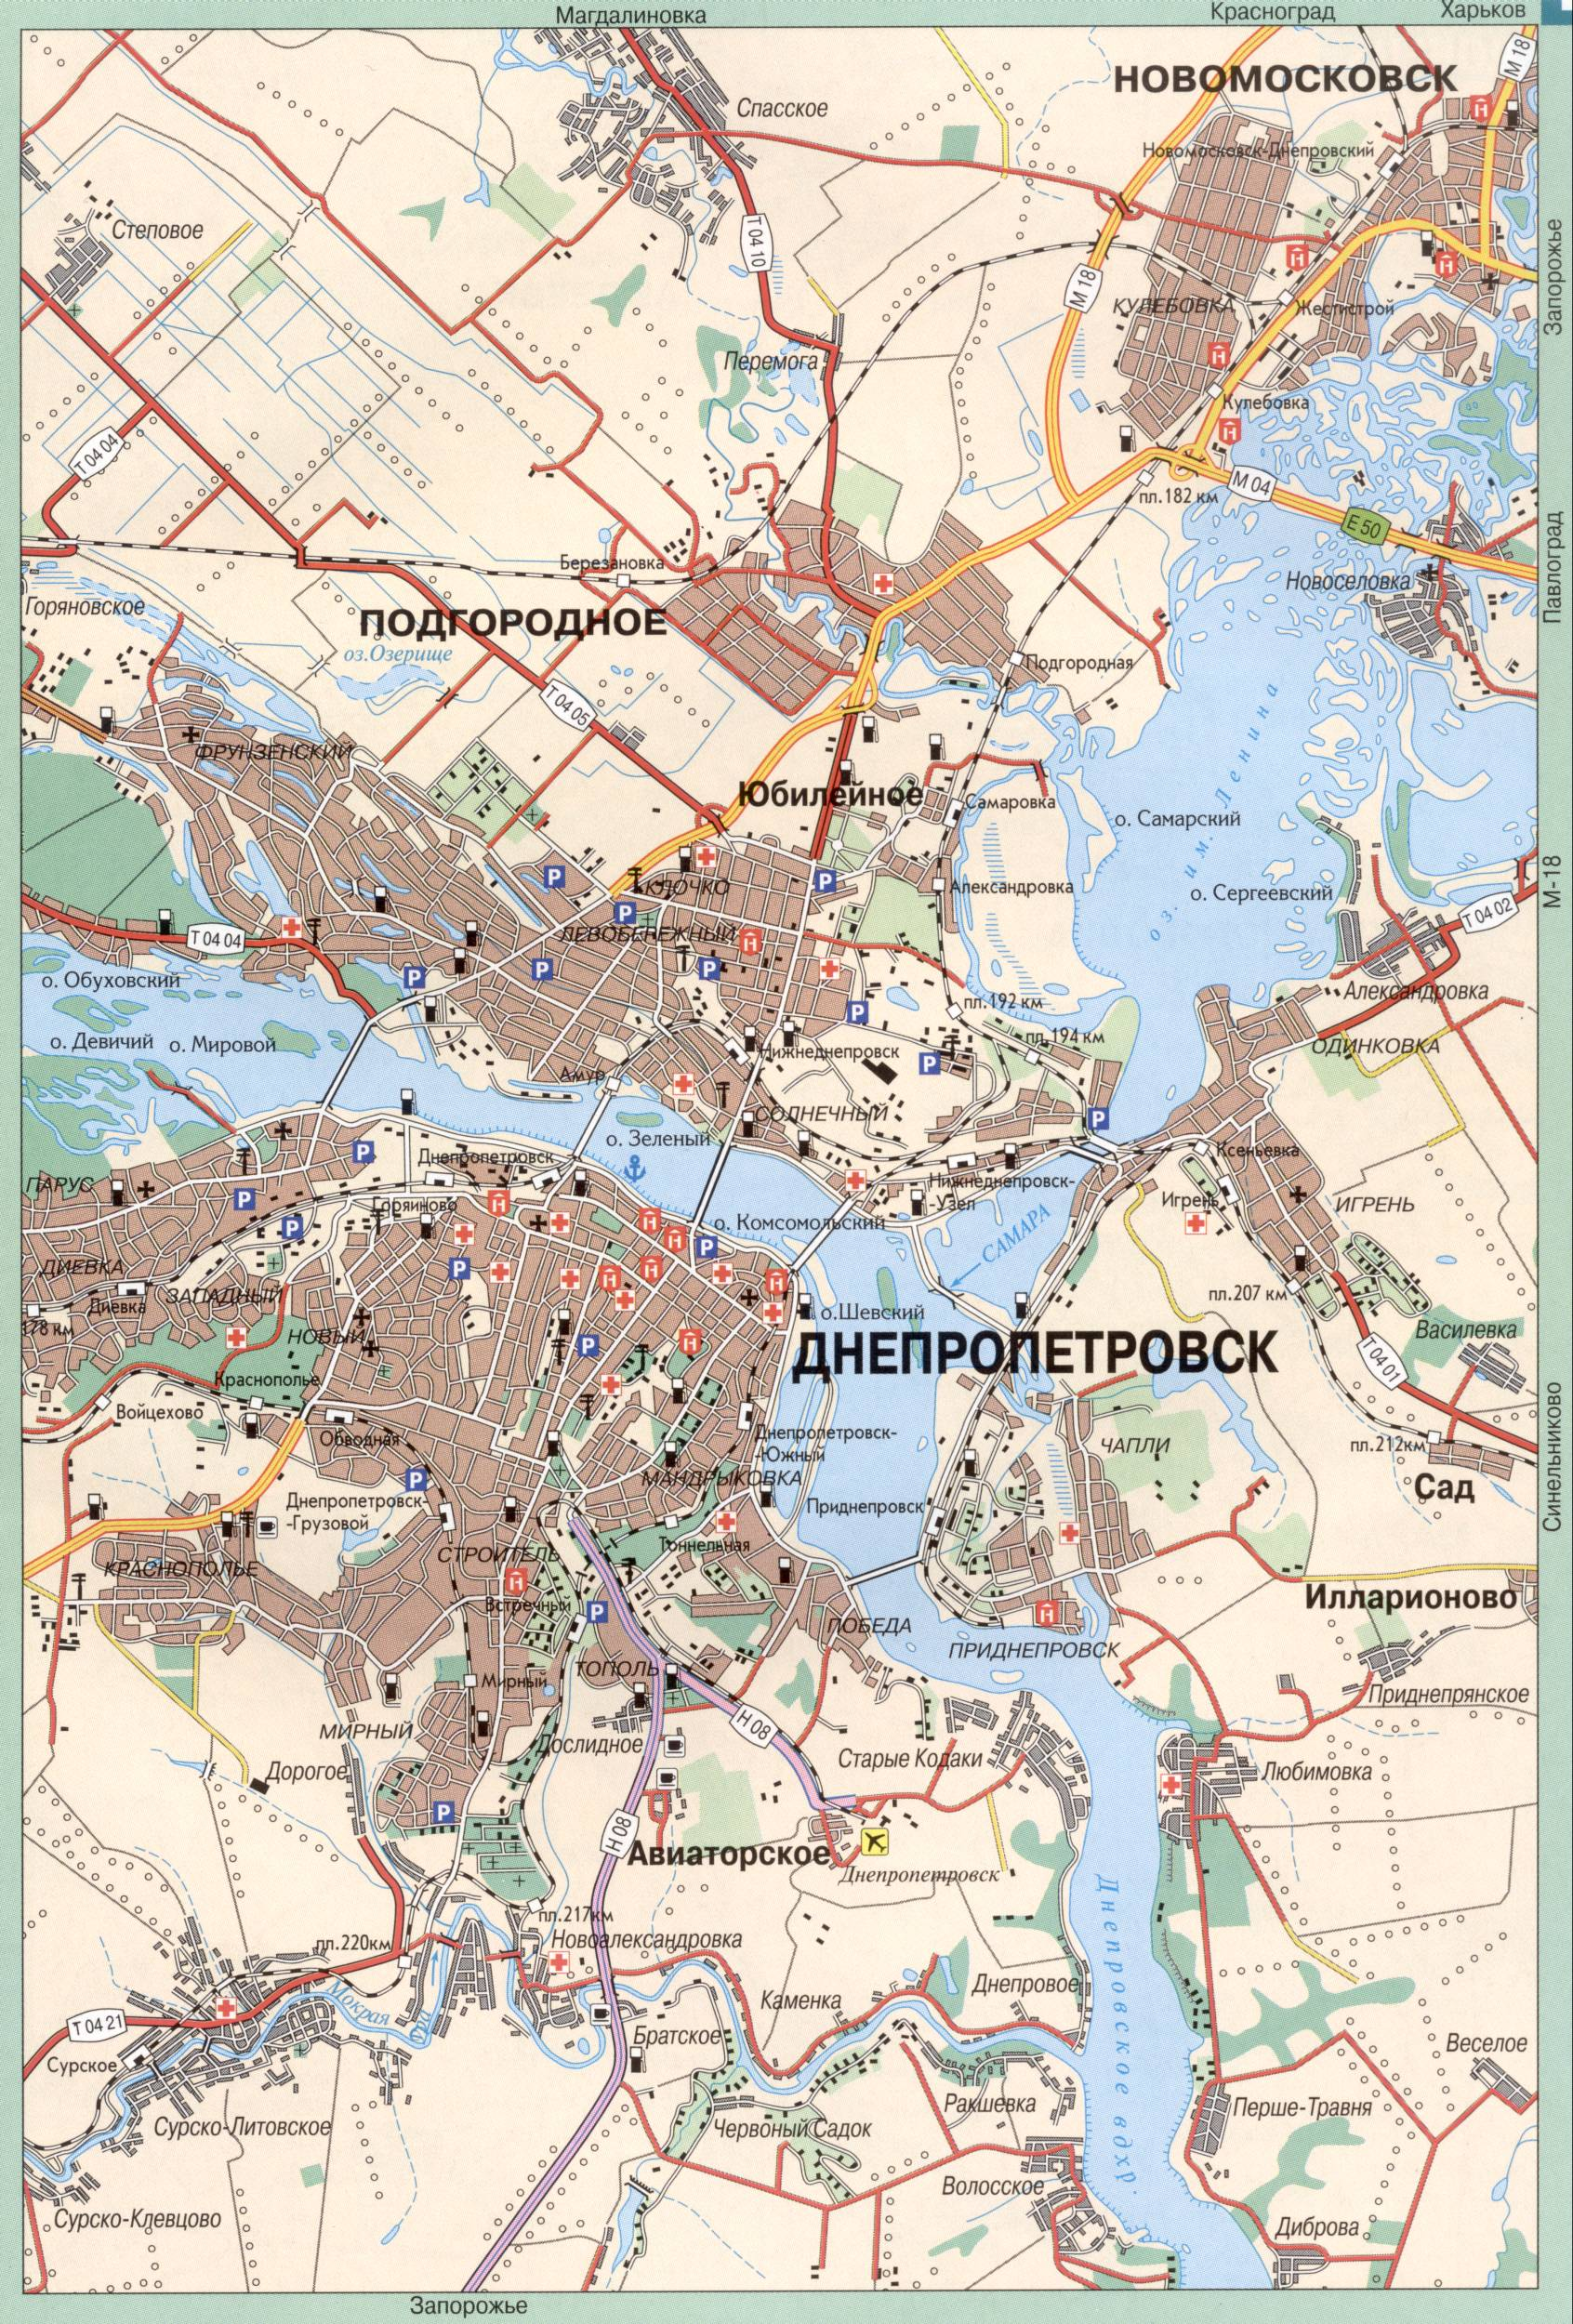 Карта схема проезда города Днепропетровск (бывший Екатеринослав) с пригородами.  Скачать бесплатно подробную карту.